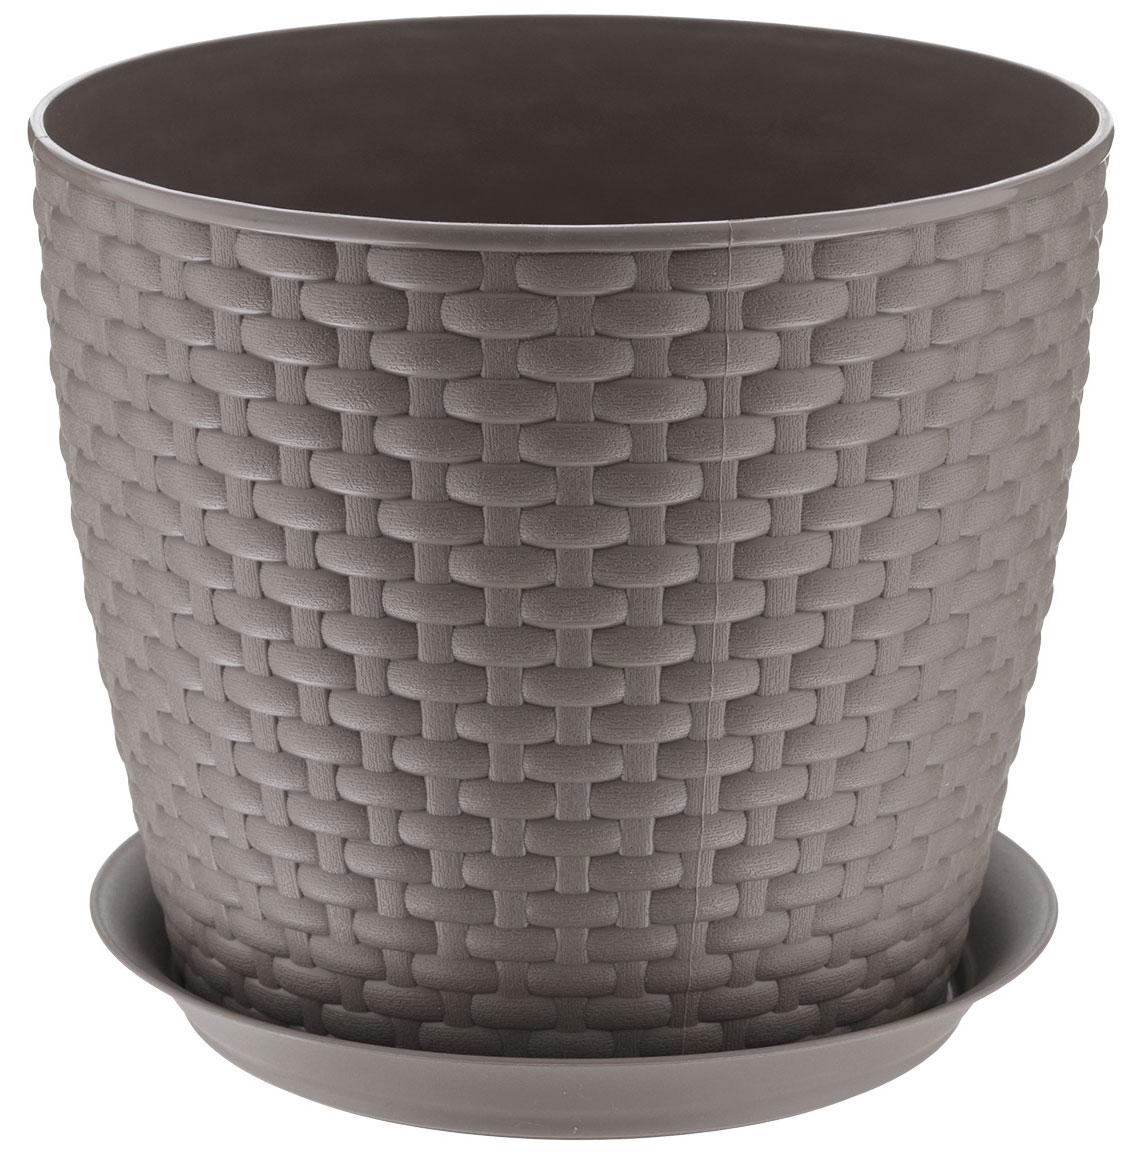 Кашпо Idea Ротанг, с поддоном, цвет: коричневый, 1 лМ 3080Кашпо Idea Ротанг изготовлено из высококачественного пластика. Специальный поддон предназначен для стока воды. Изделие прекрасно подходит для выращивания растений и цветов в домашних условиях. Лаконичный дизайн впишется в интерьер любого помещения. Диаметр поддона: 13 см. Объем кашпо: 1 л. Диаметр кашпо по верхнему краю: 13 см. Высота кашпо: 11,5 см.